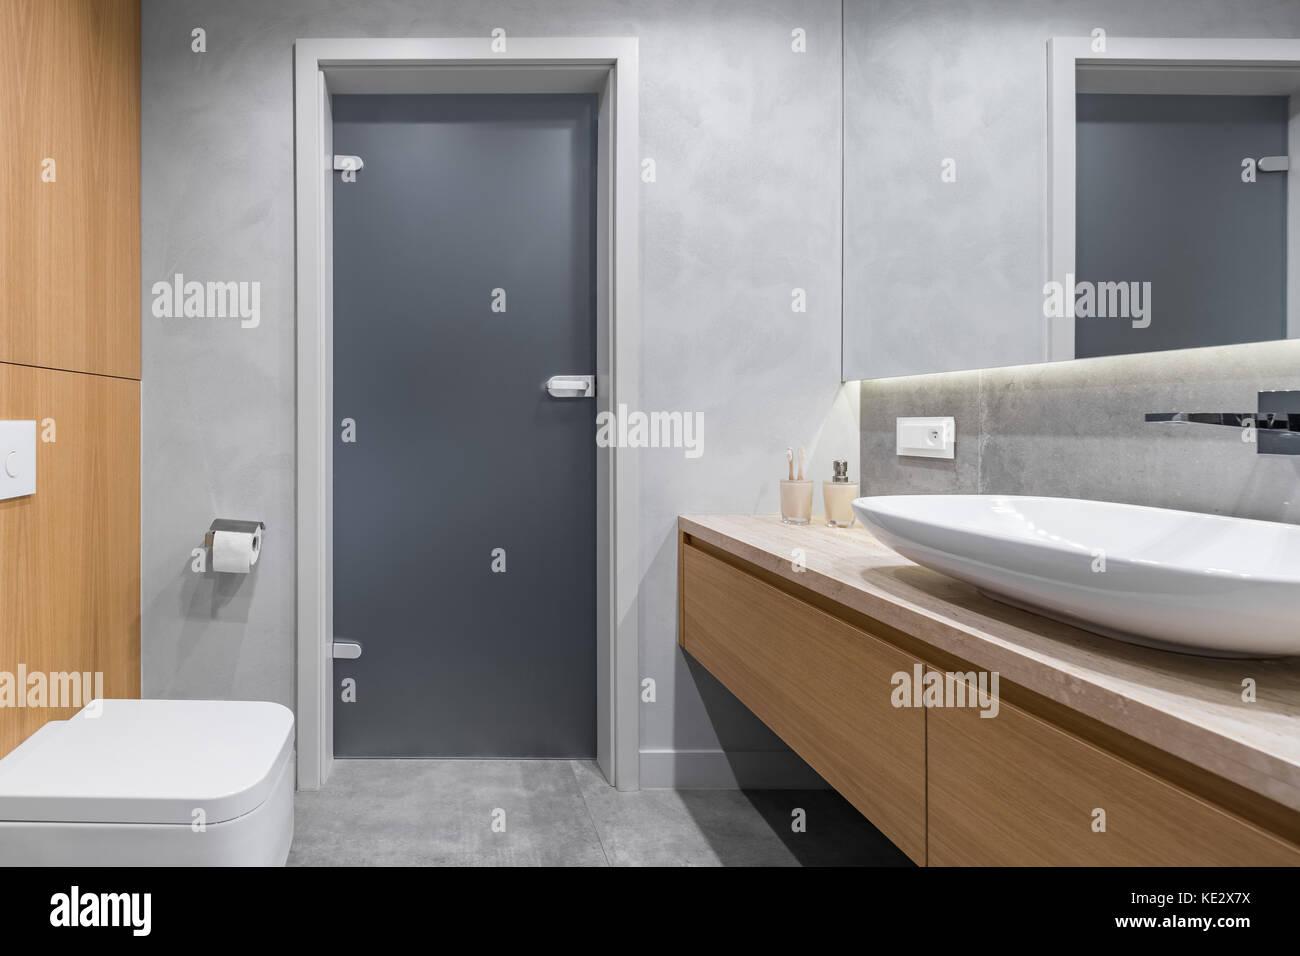 Nuovo design bagno con bancone bacino piastrelle grigio e bianco wc